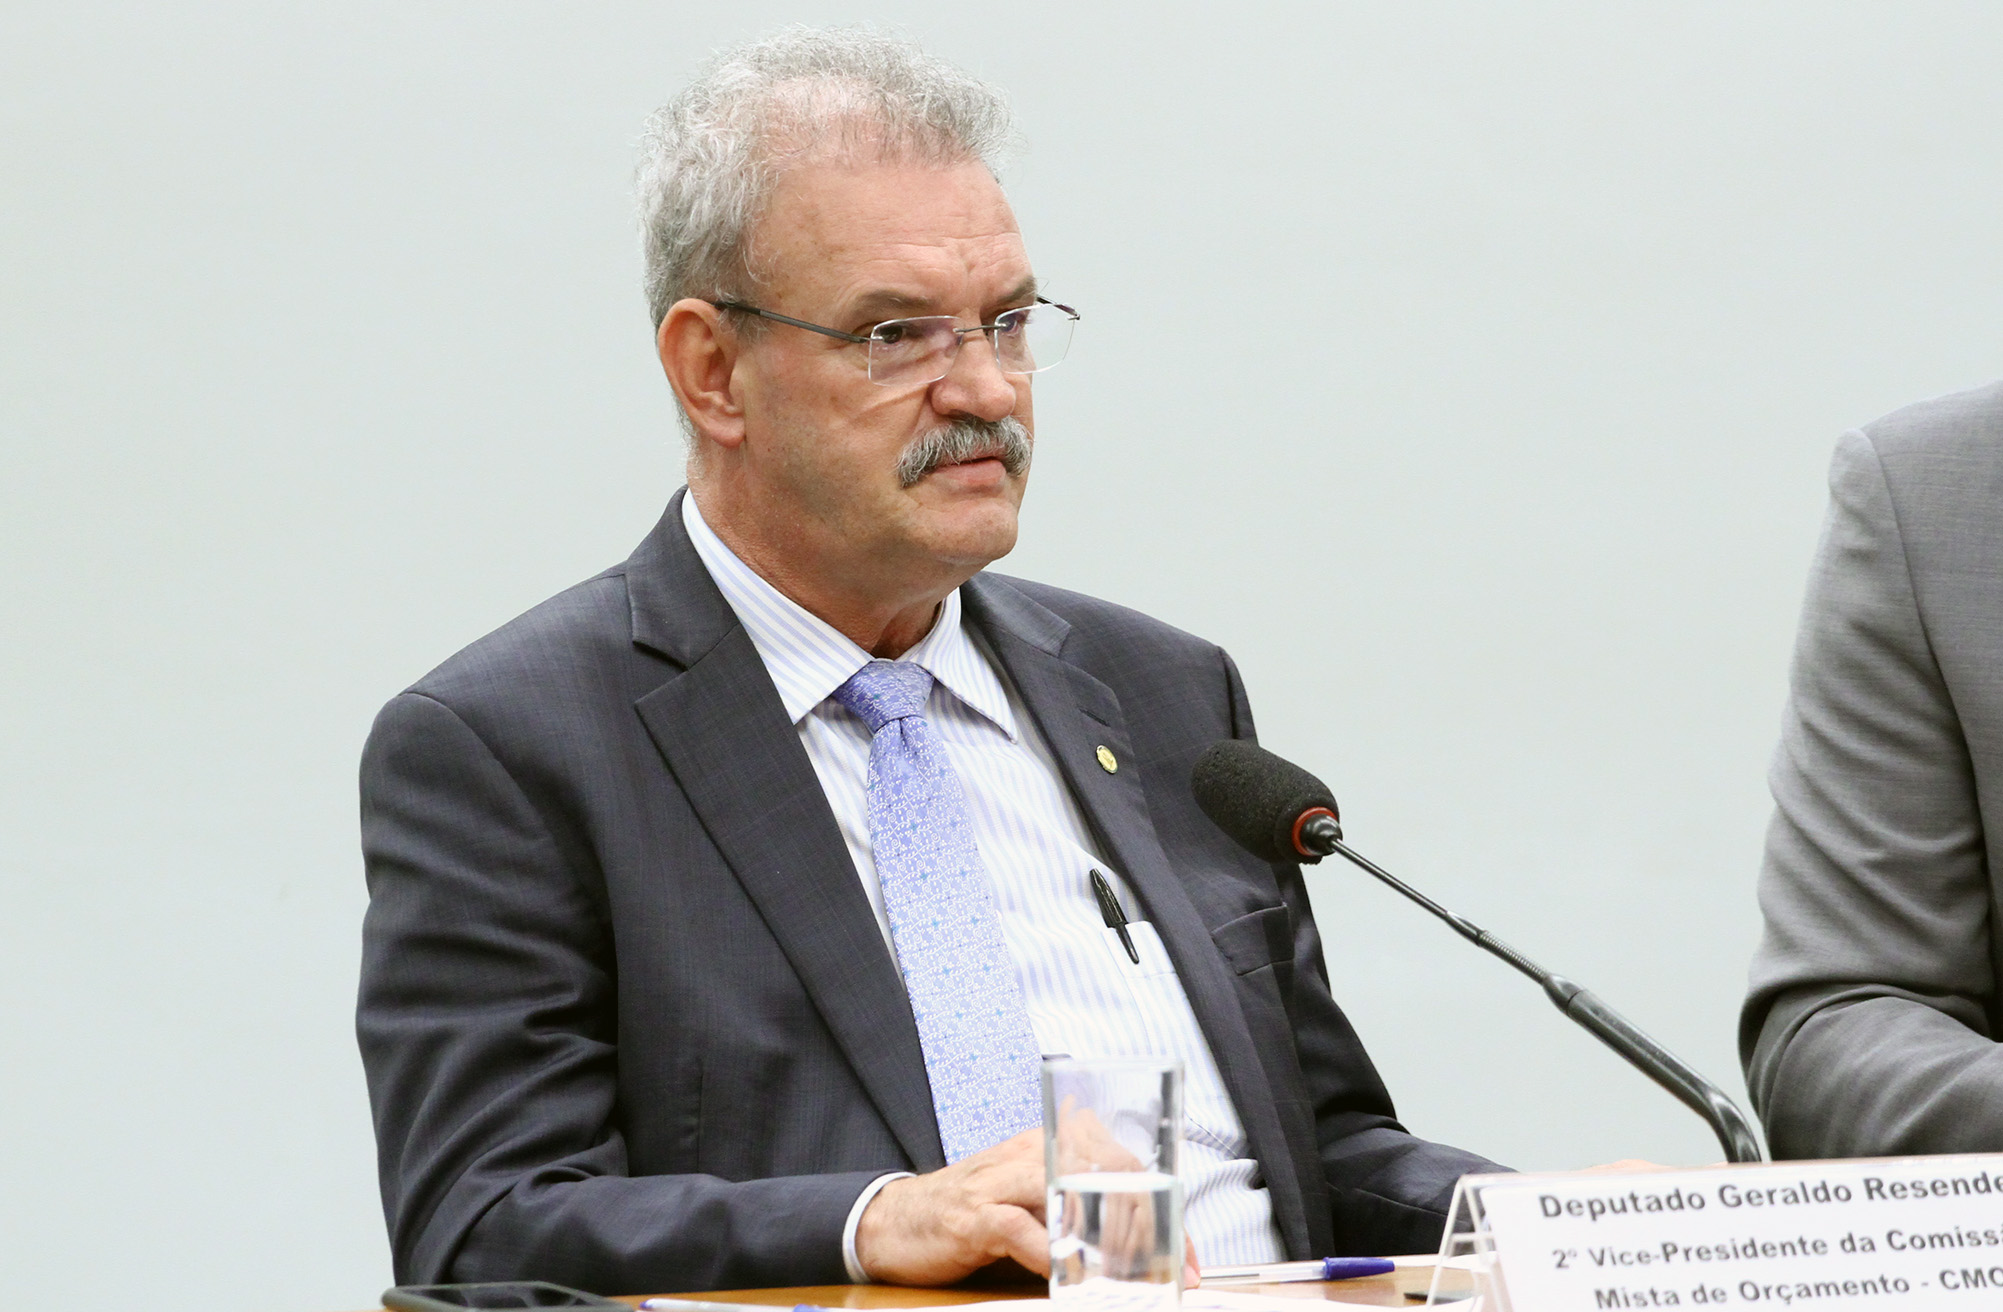 Reunião extraordinária. Dep. Geraldo Resende (PSDB - MS)